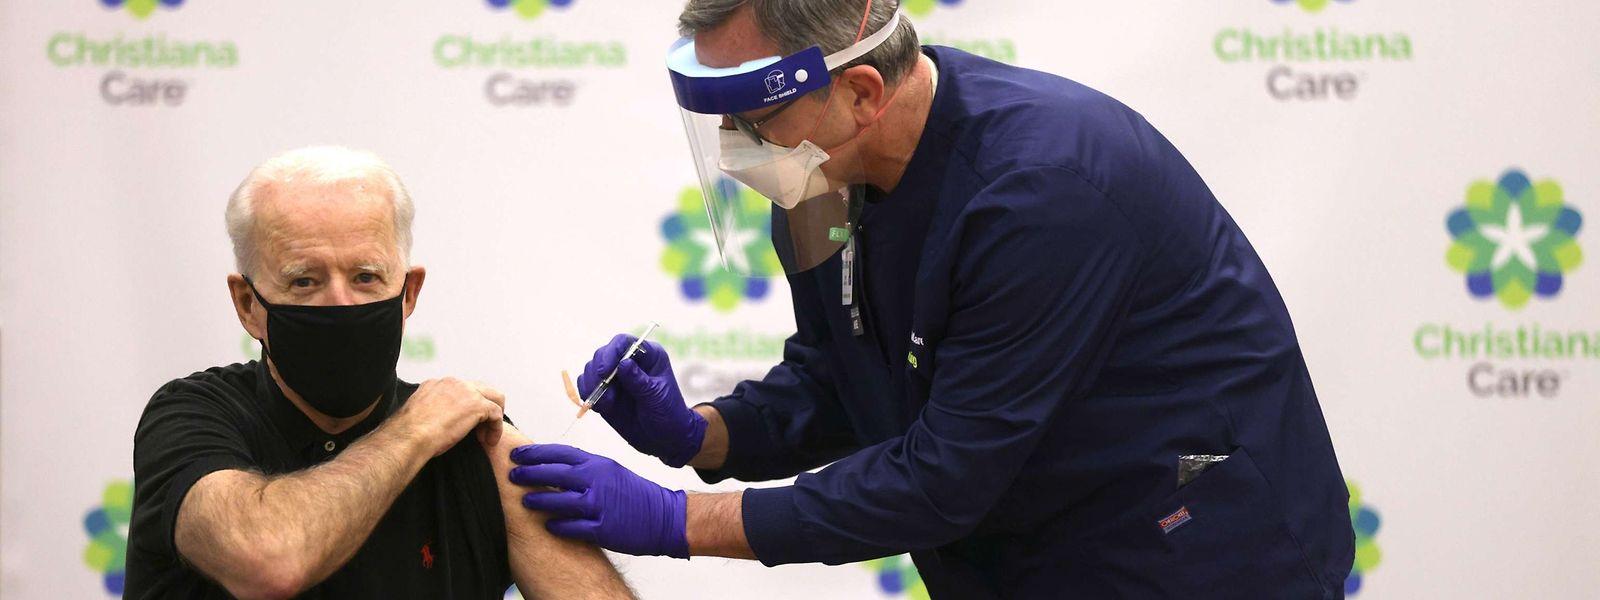 Parmi les récents vaccinés anti-covid aux USA figure le président élu des Etats-Unis, Joe Biden.